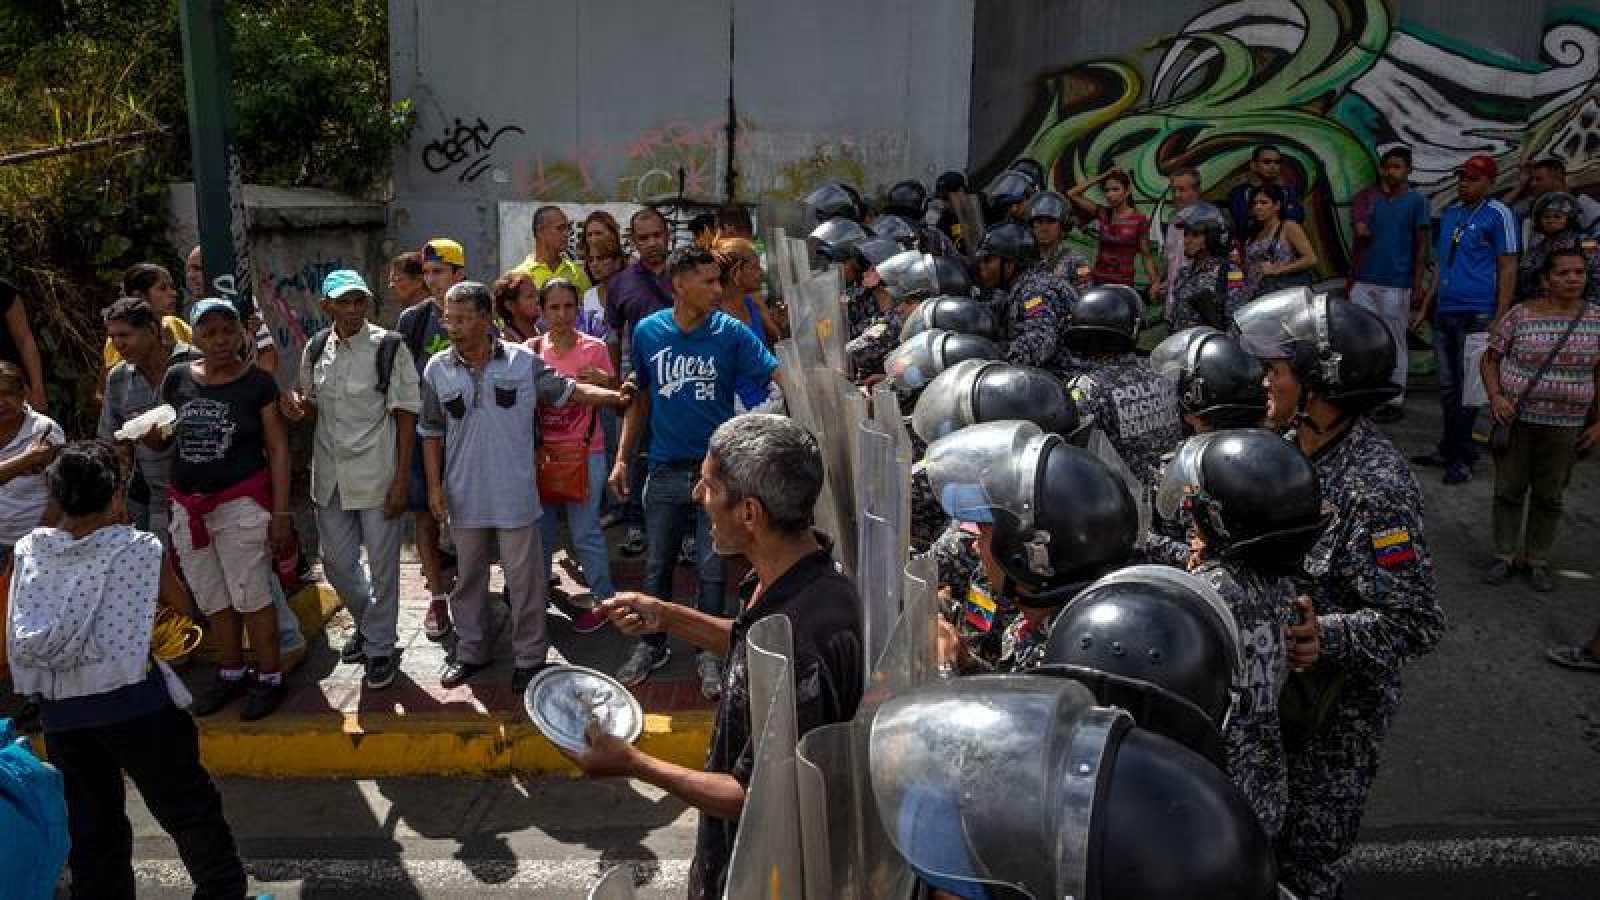 Protesta en Venezuela por la escasez de alimentos el pasado 28 de diciembre